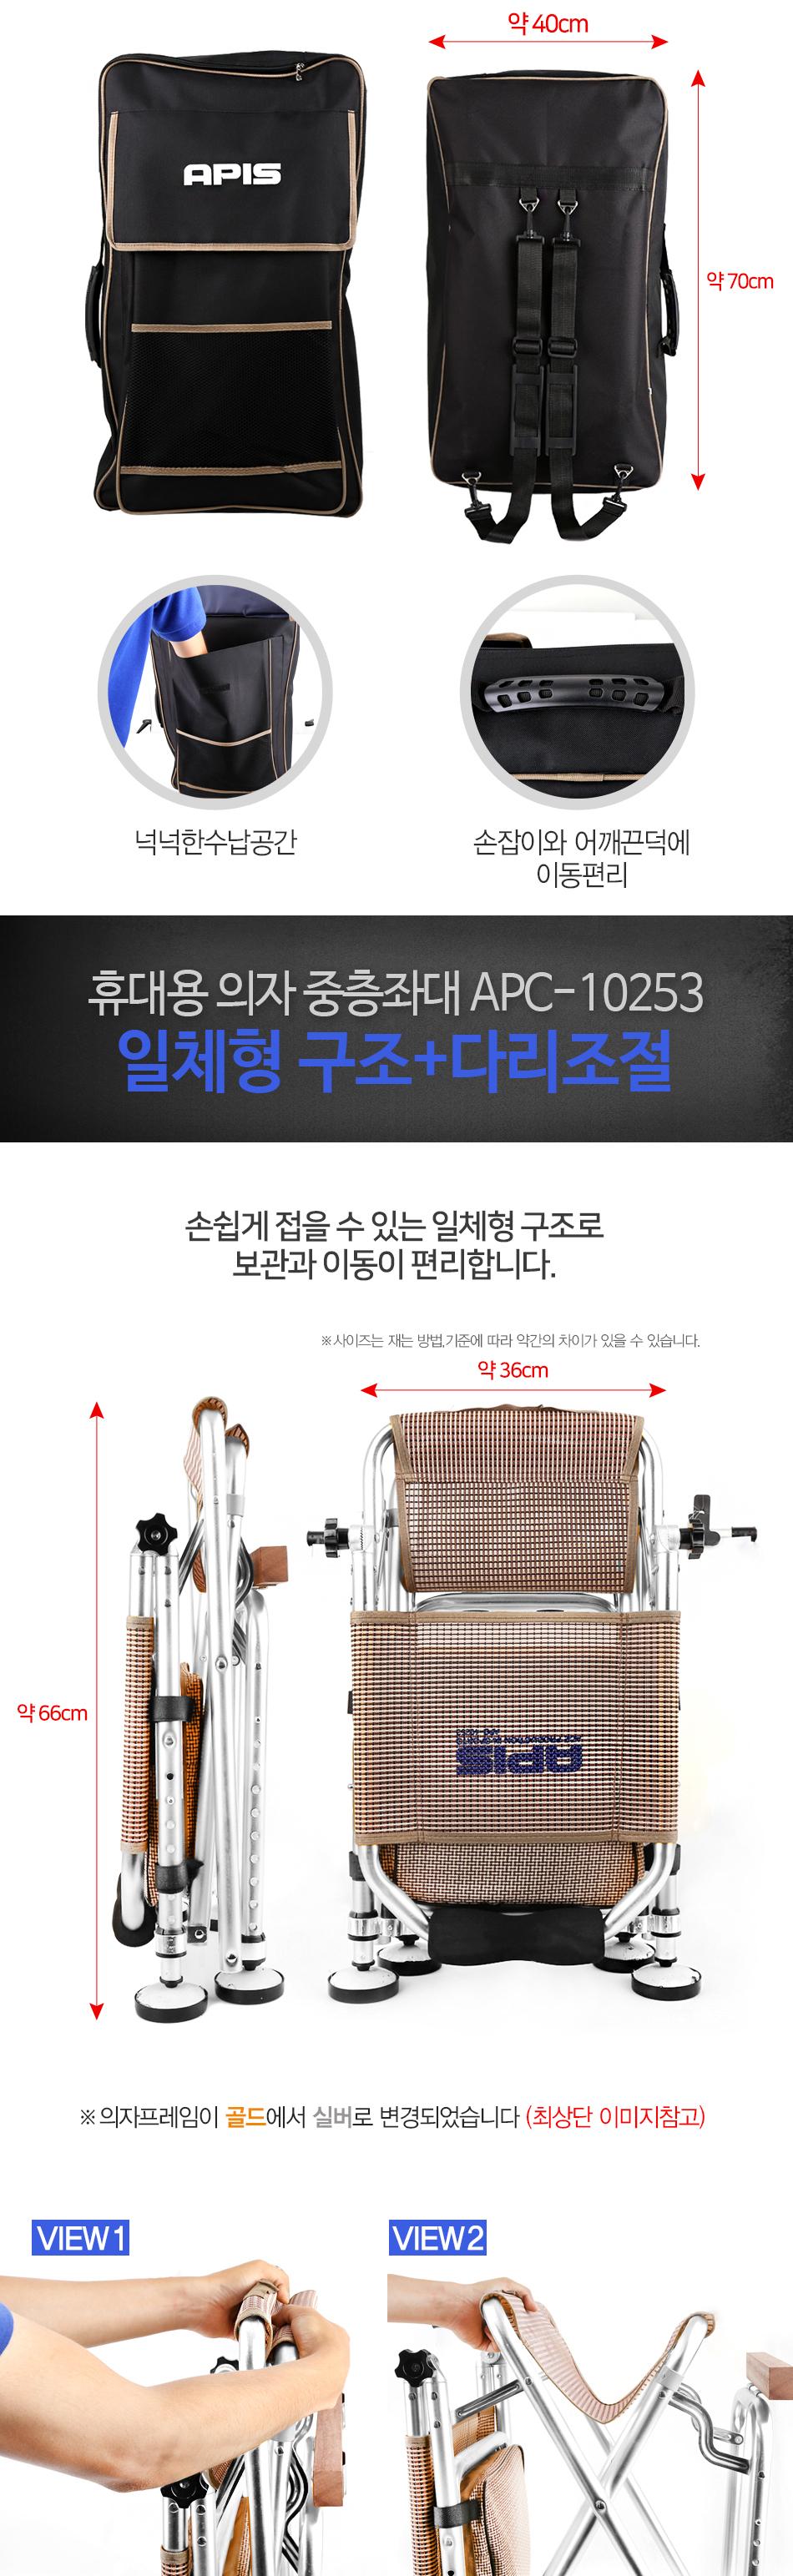 아피스 휴대용 멀티 낚시의자 APC-10253 낚시의자 의자 짬낚시의자 짬낚 좌대용의자 아피스의자 중층의자 안장의자 하우스낚시 양어장낚시 짬낚시좌대 소좌대 대좌대 의자 낚시